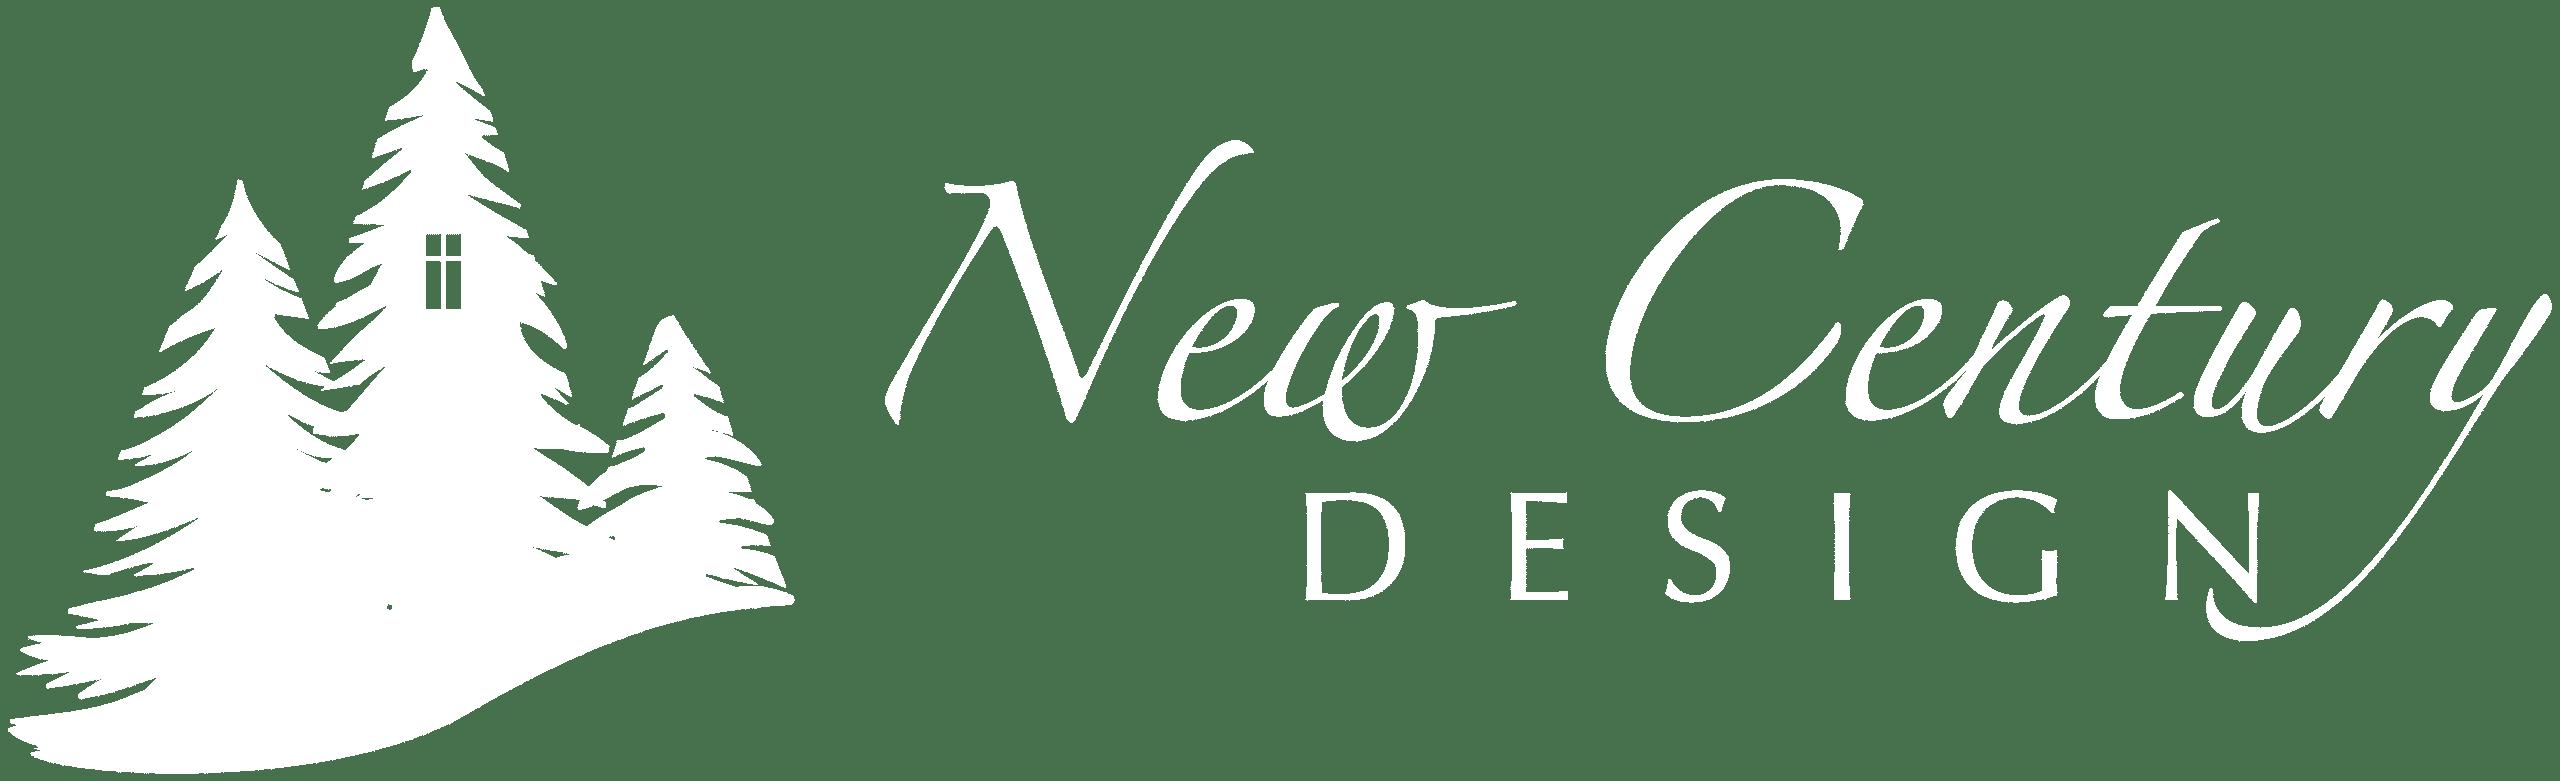 new century logo